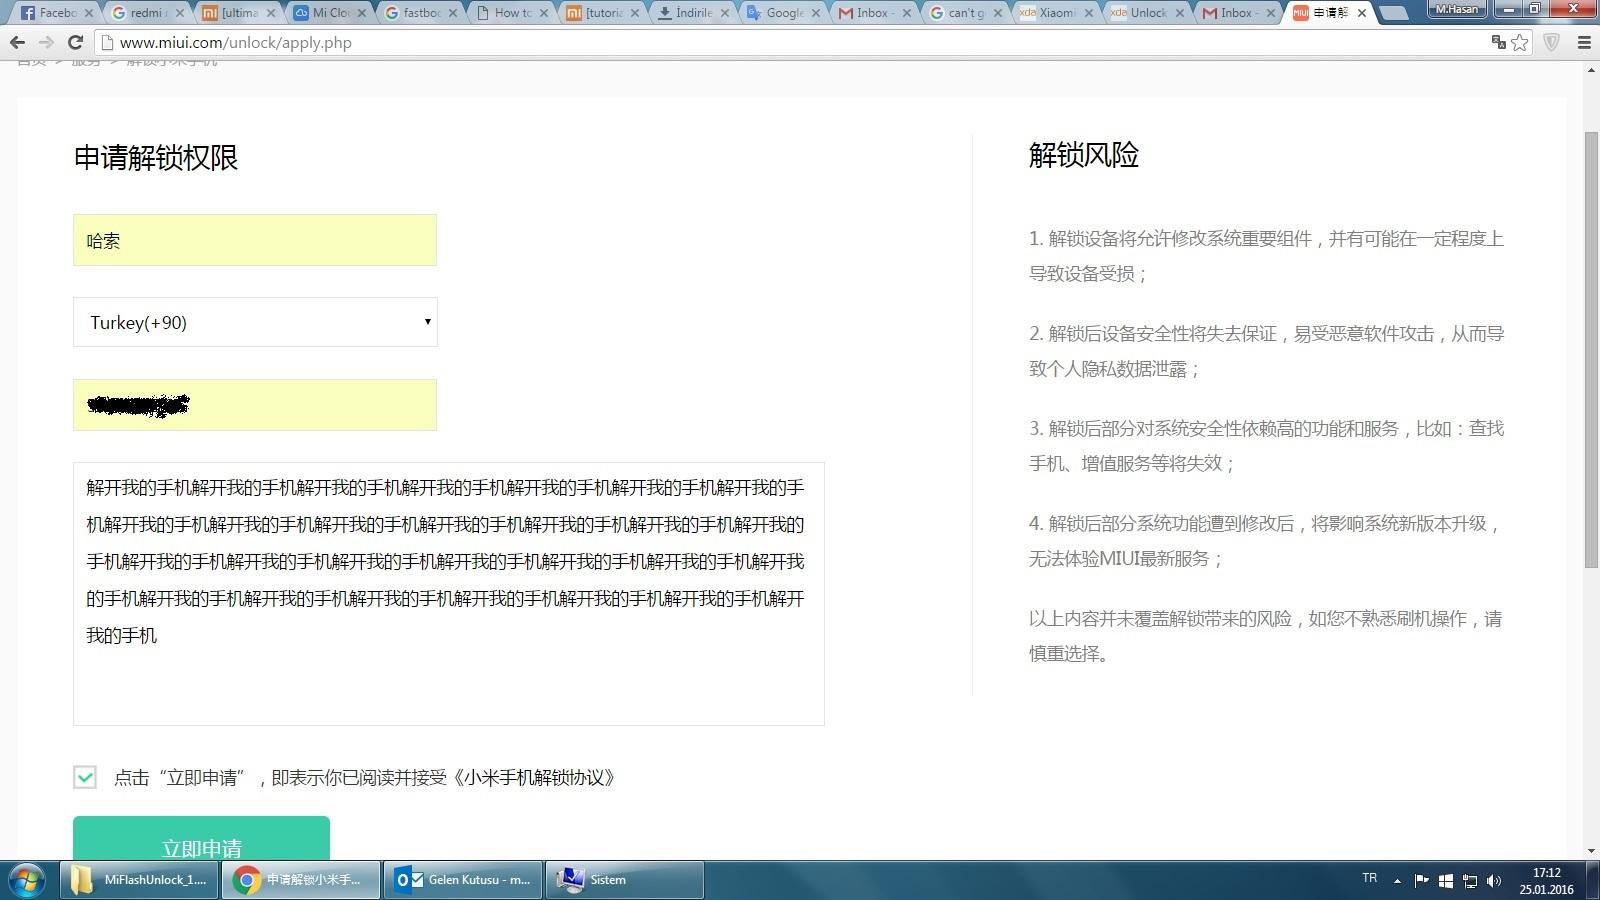 sayfa 1.jpg